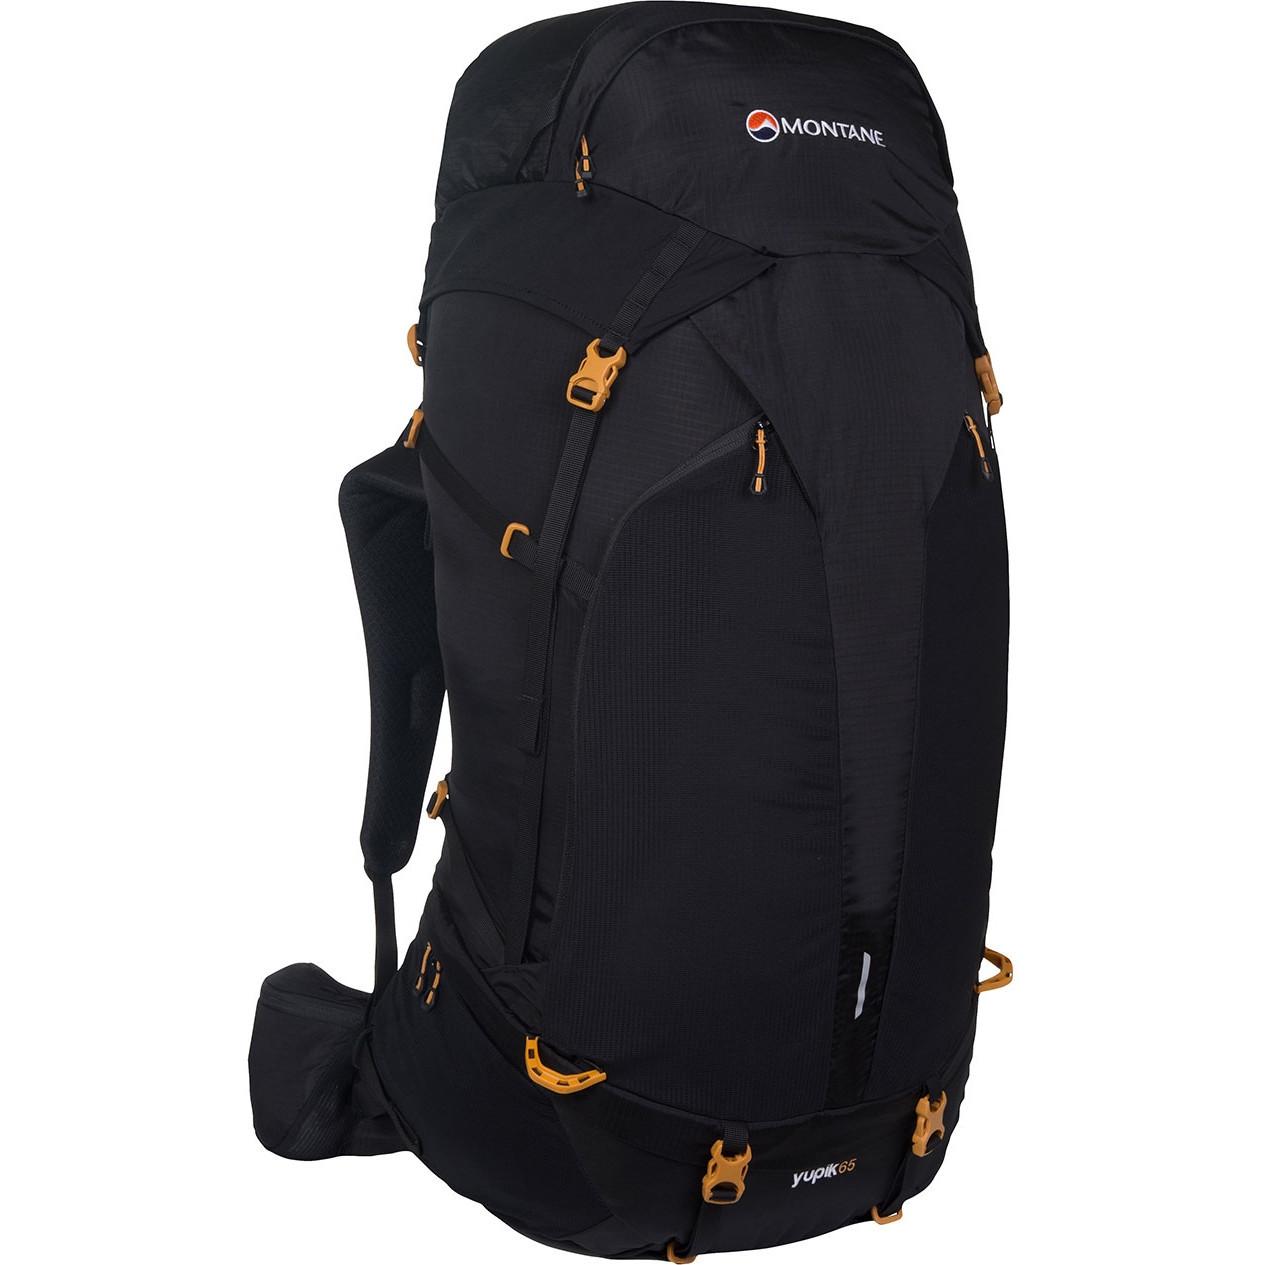 Plecak Yupik 65 black